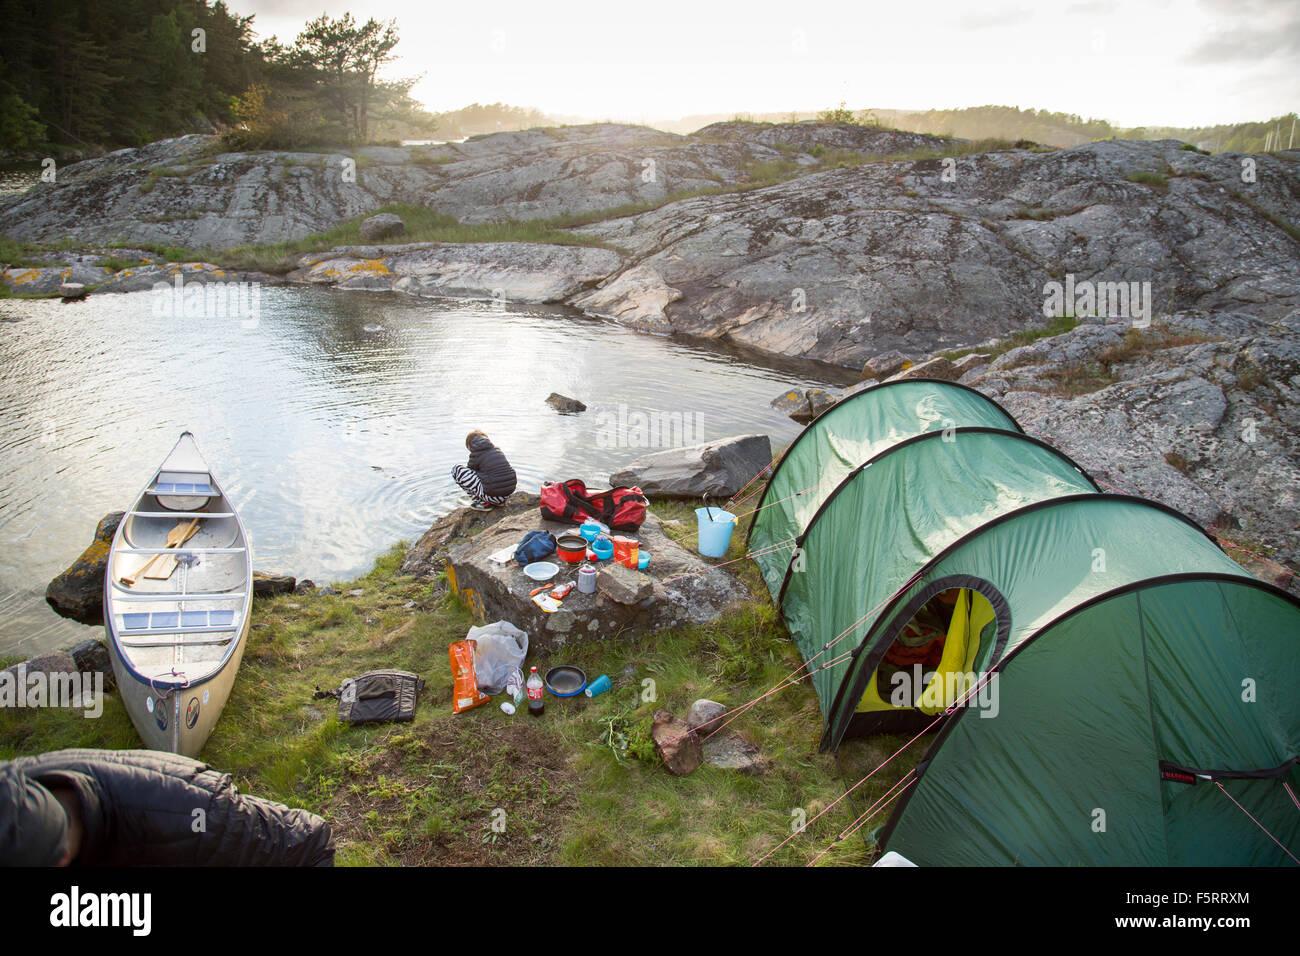 La Svezia, Costa Ovest, Bohuslan, Flato, Tenda sulla riva rocciosa Immagini Stock